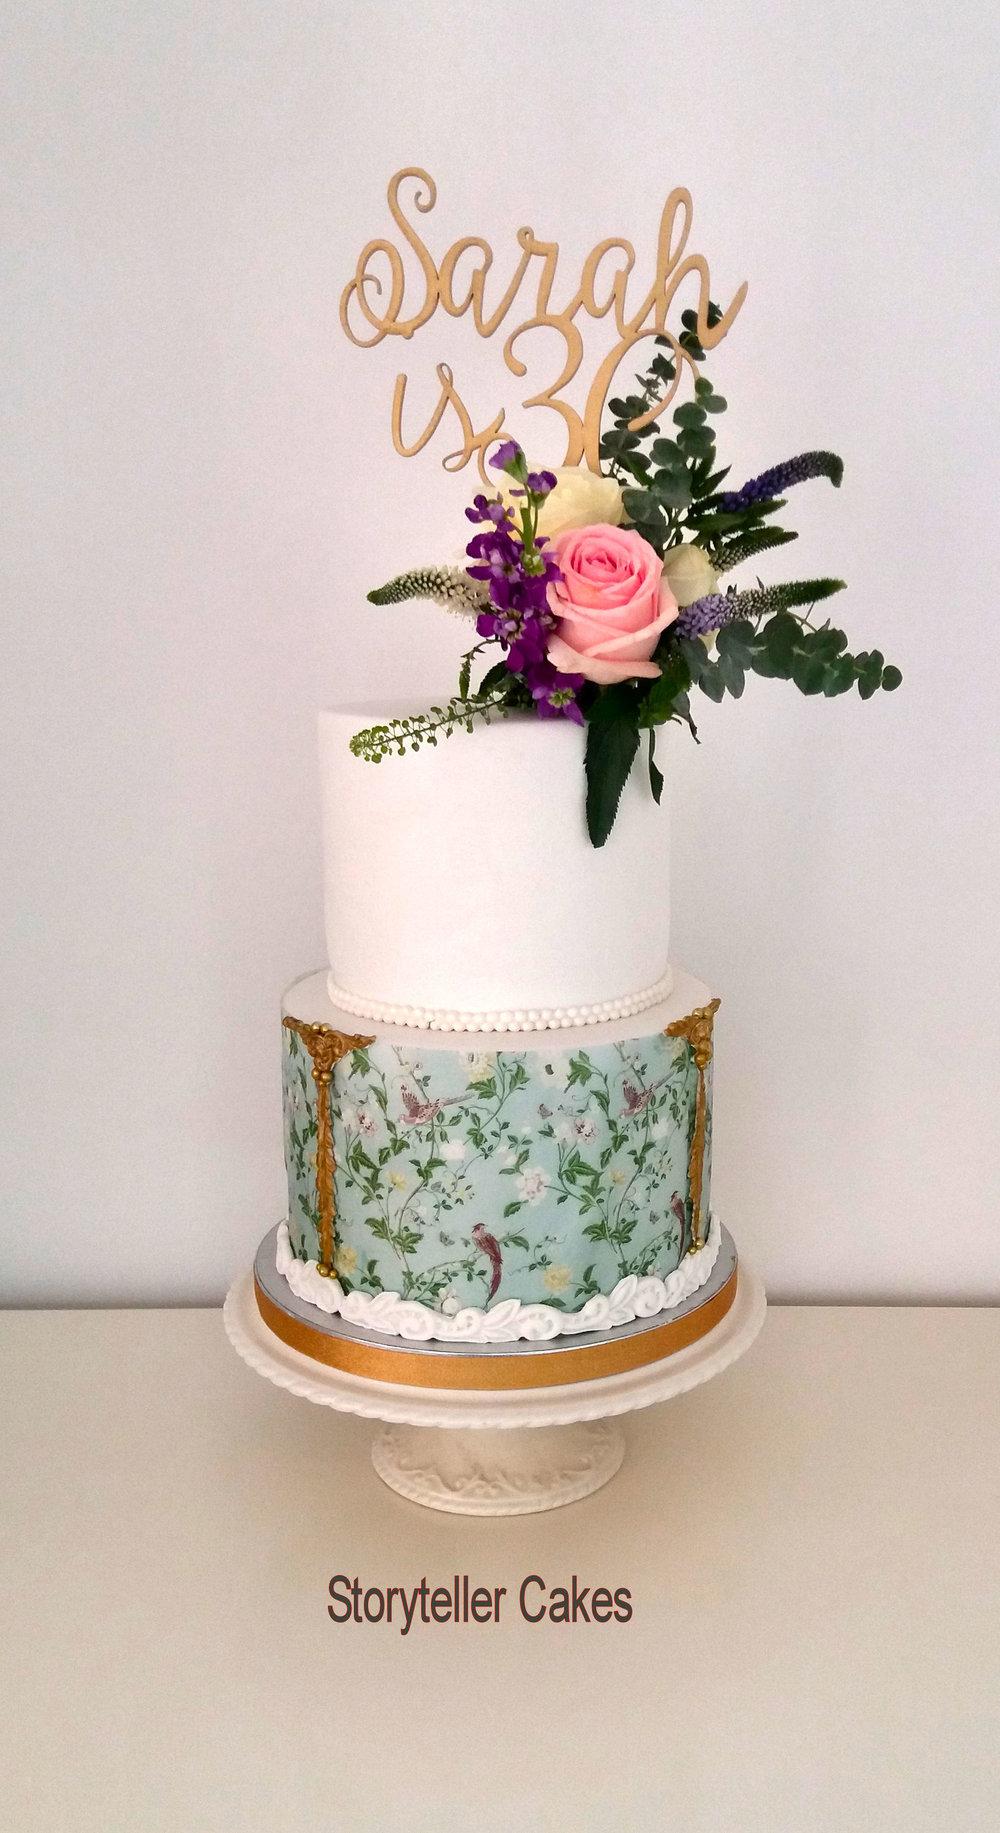 Sarahs cake1.jpg